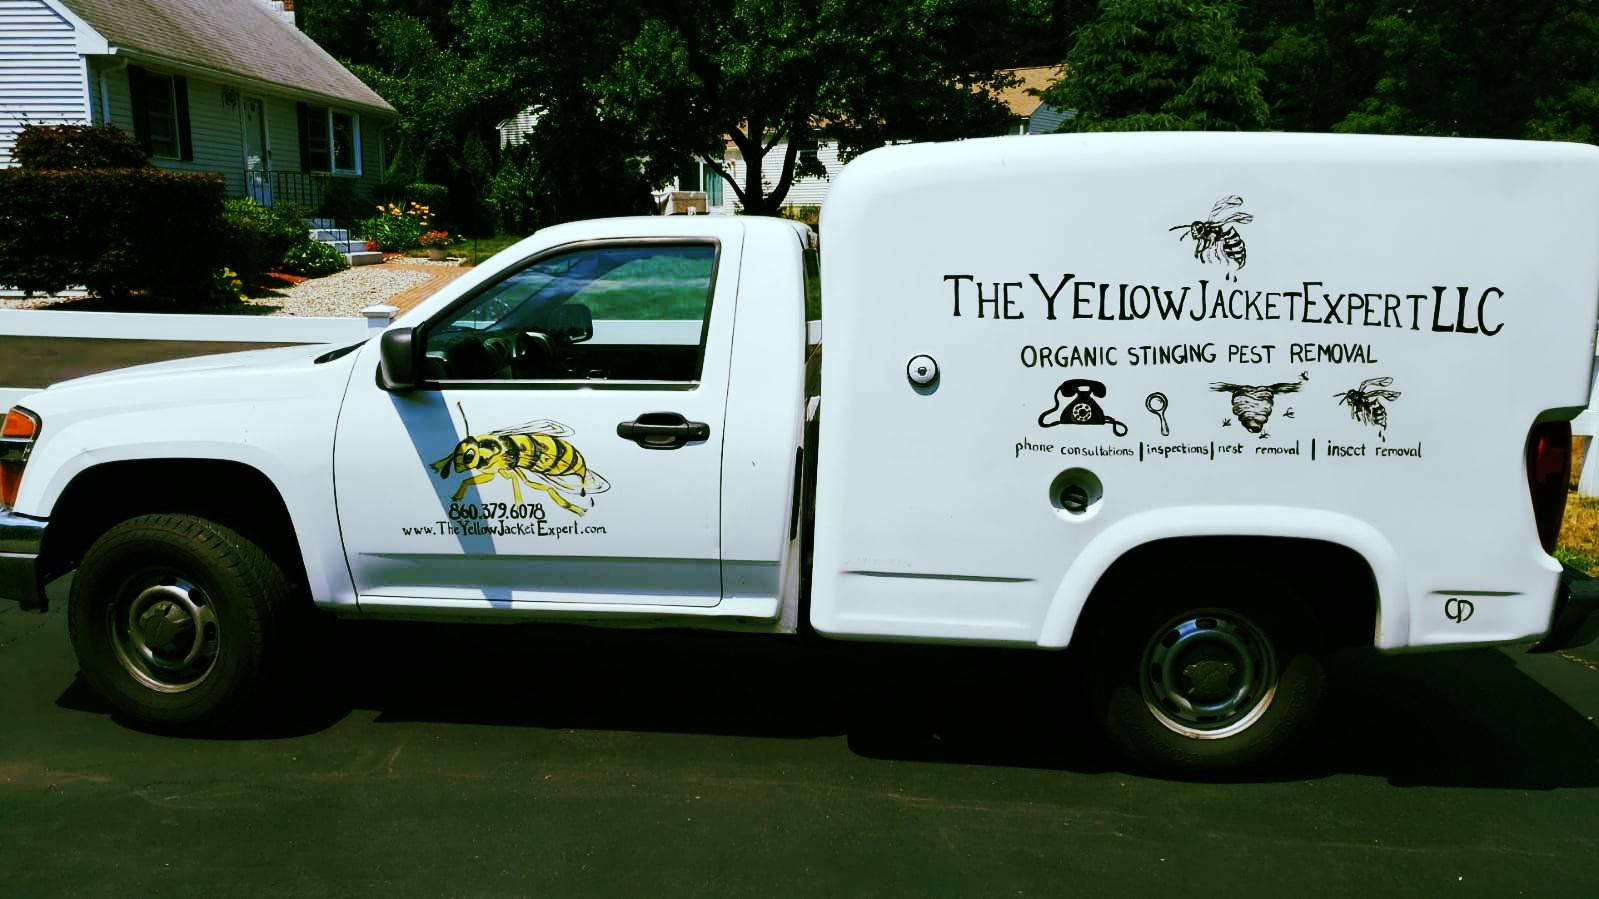 The YellowJacket Expert LLC van